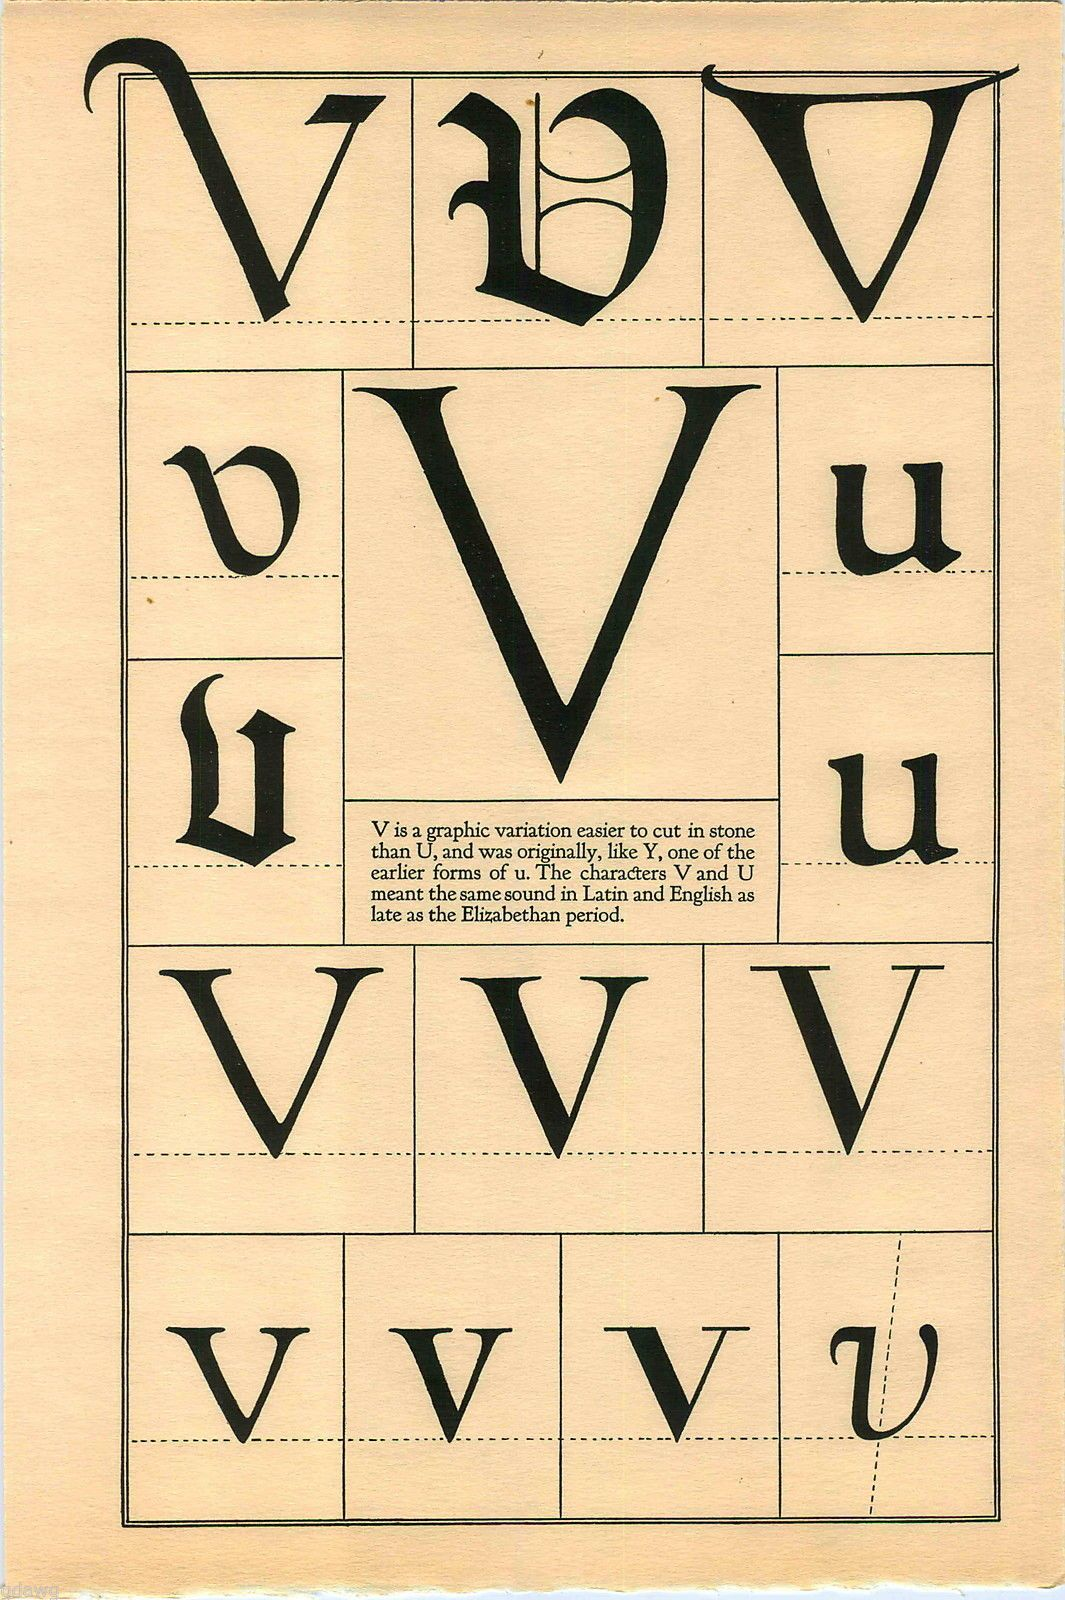 Kleurplaten Letter V.1922 Book Print Letter V Greek Roman Alphabet Design Typography